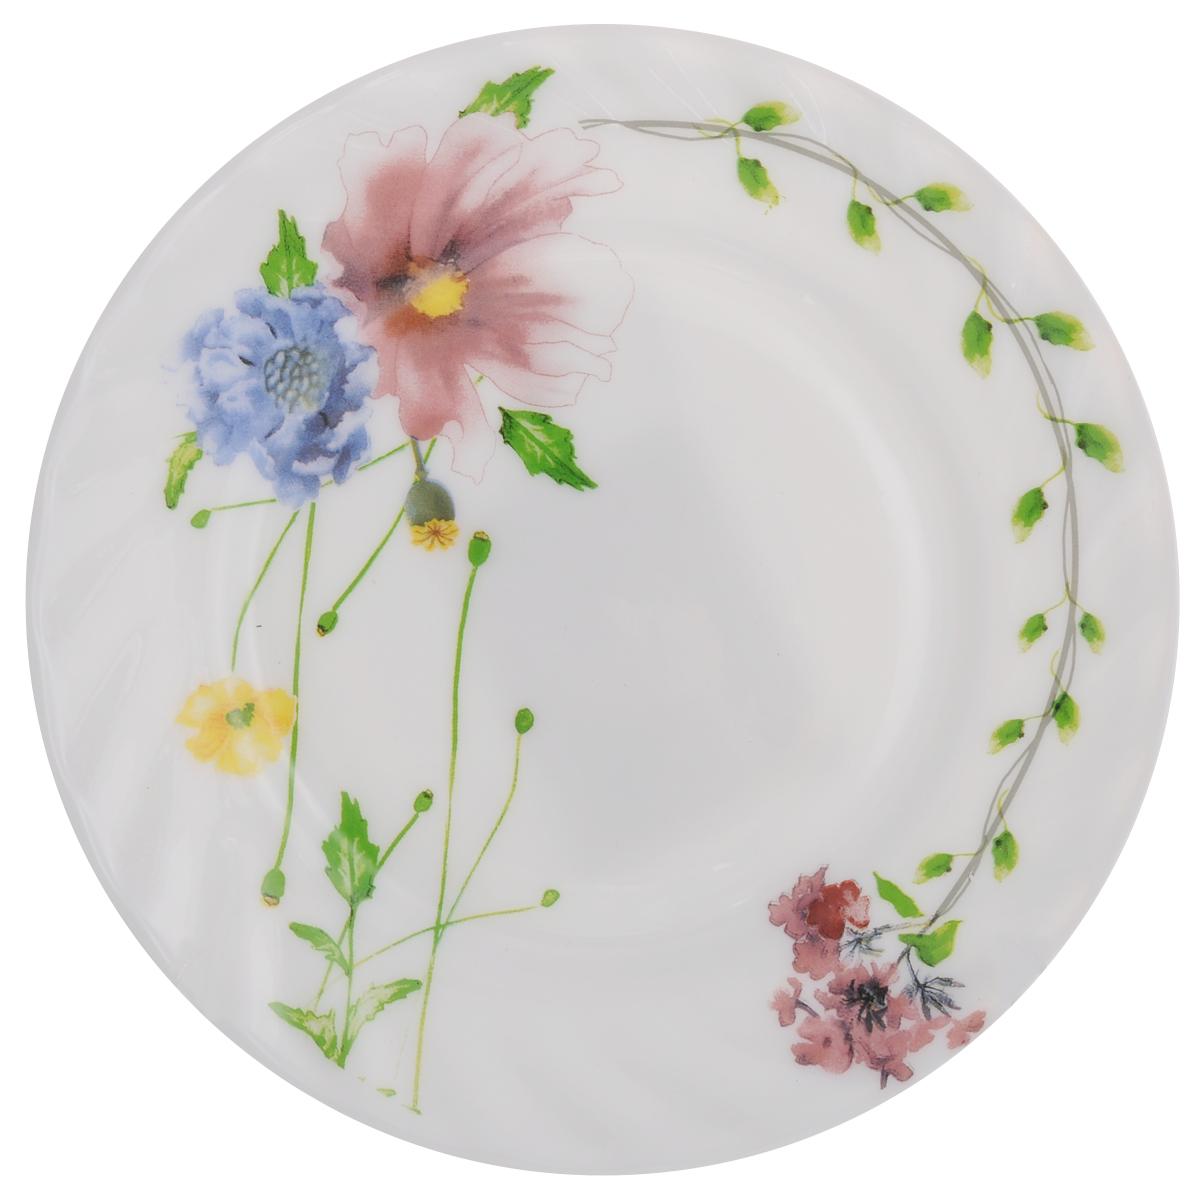 Тарелка десертная Chinbull Флоренция, диаметр 17,5 смHP-70/6646Десертная тарелка Chinbull Флоренция изготовлена из экологически чистой стеклокерамики. Изделие оформлено красочным цветочным рисунком и имеет изысканный внешний вид. Такая тарелка прекрасно подходит как для торжественных случаев, так и для повседневного использования. Идеальна для подачи десертов, пирожных, тортов и многого другого. Она прекрасно оформит стол и станет отличным дополнением к вашей коллекции кухонной посуды. Можно использовать в посудомоечной машине и СВЧ. Диаметр (по верхнему краю): 17,5 см. Высота стенки: 1,7 см.